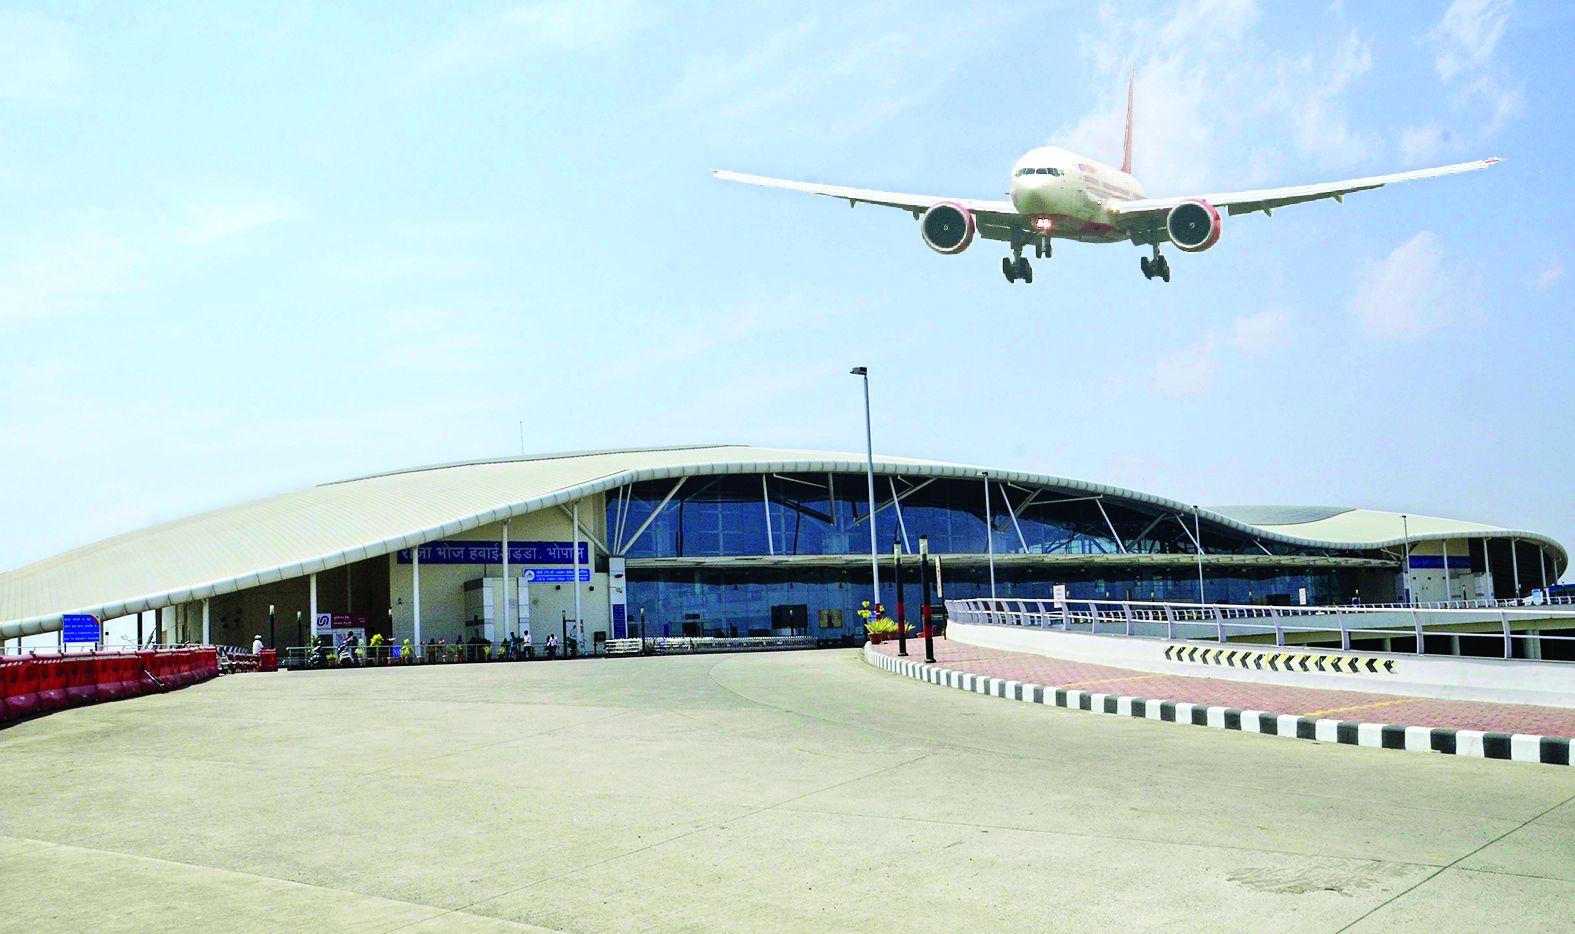 Car Transport Reviews >> BHOPAL AIRPORT, INDIA (BHO) BHOPAL Review, BHOPAL AIRPORT, INDIA (BHO) BHOPAL Terminal, BHOPAL ...